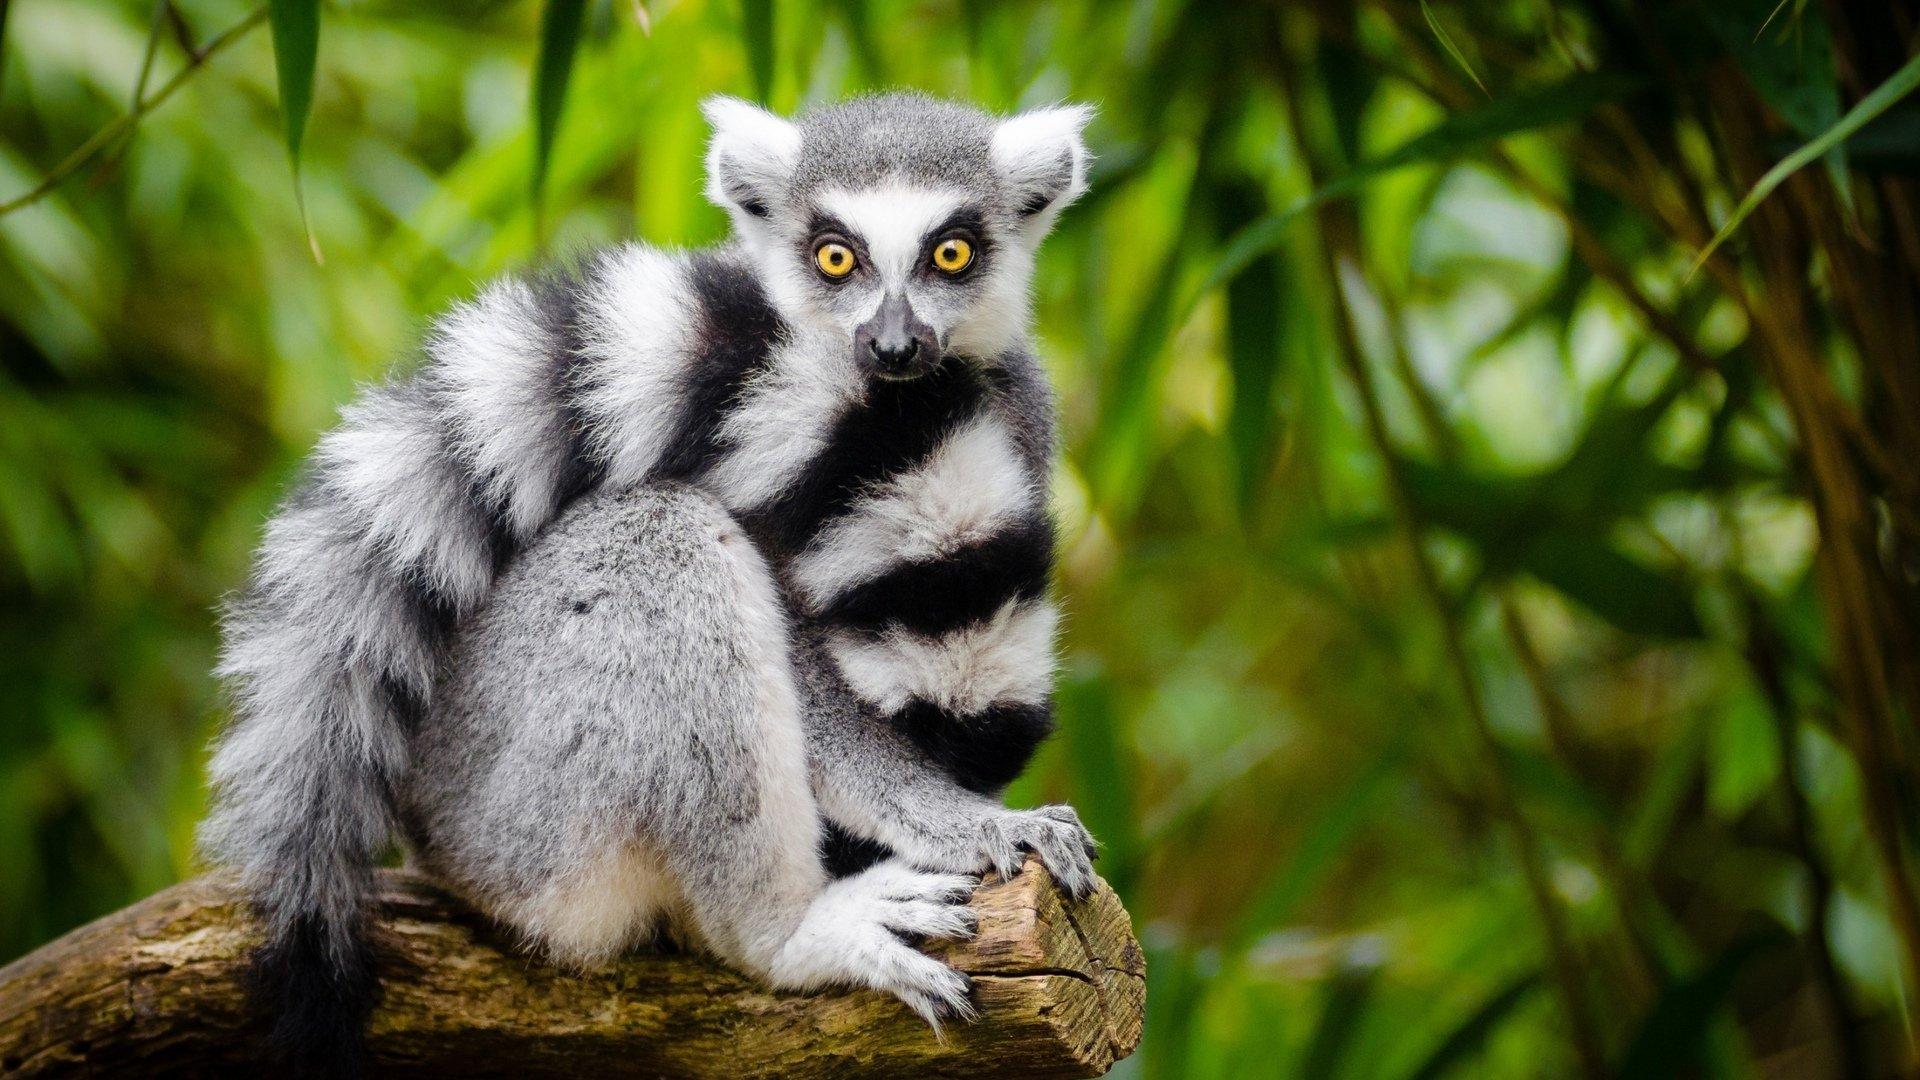 Lemur Wallpaper Image